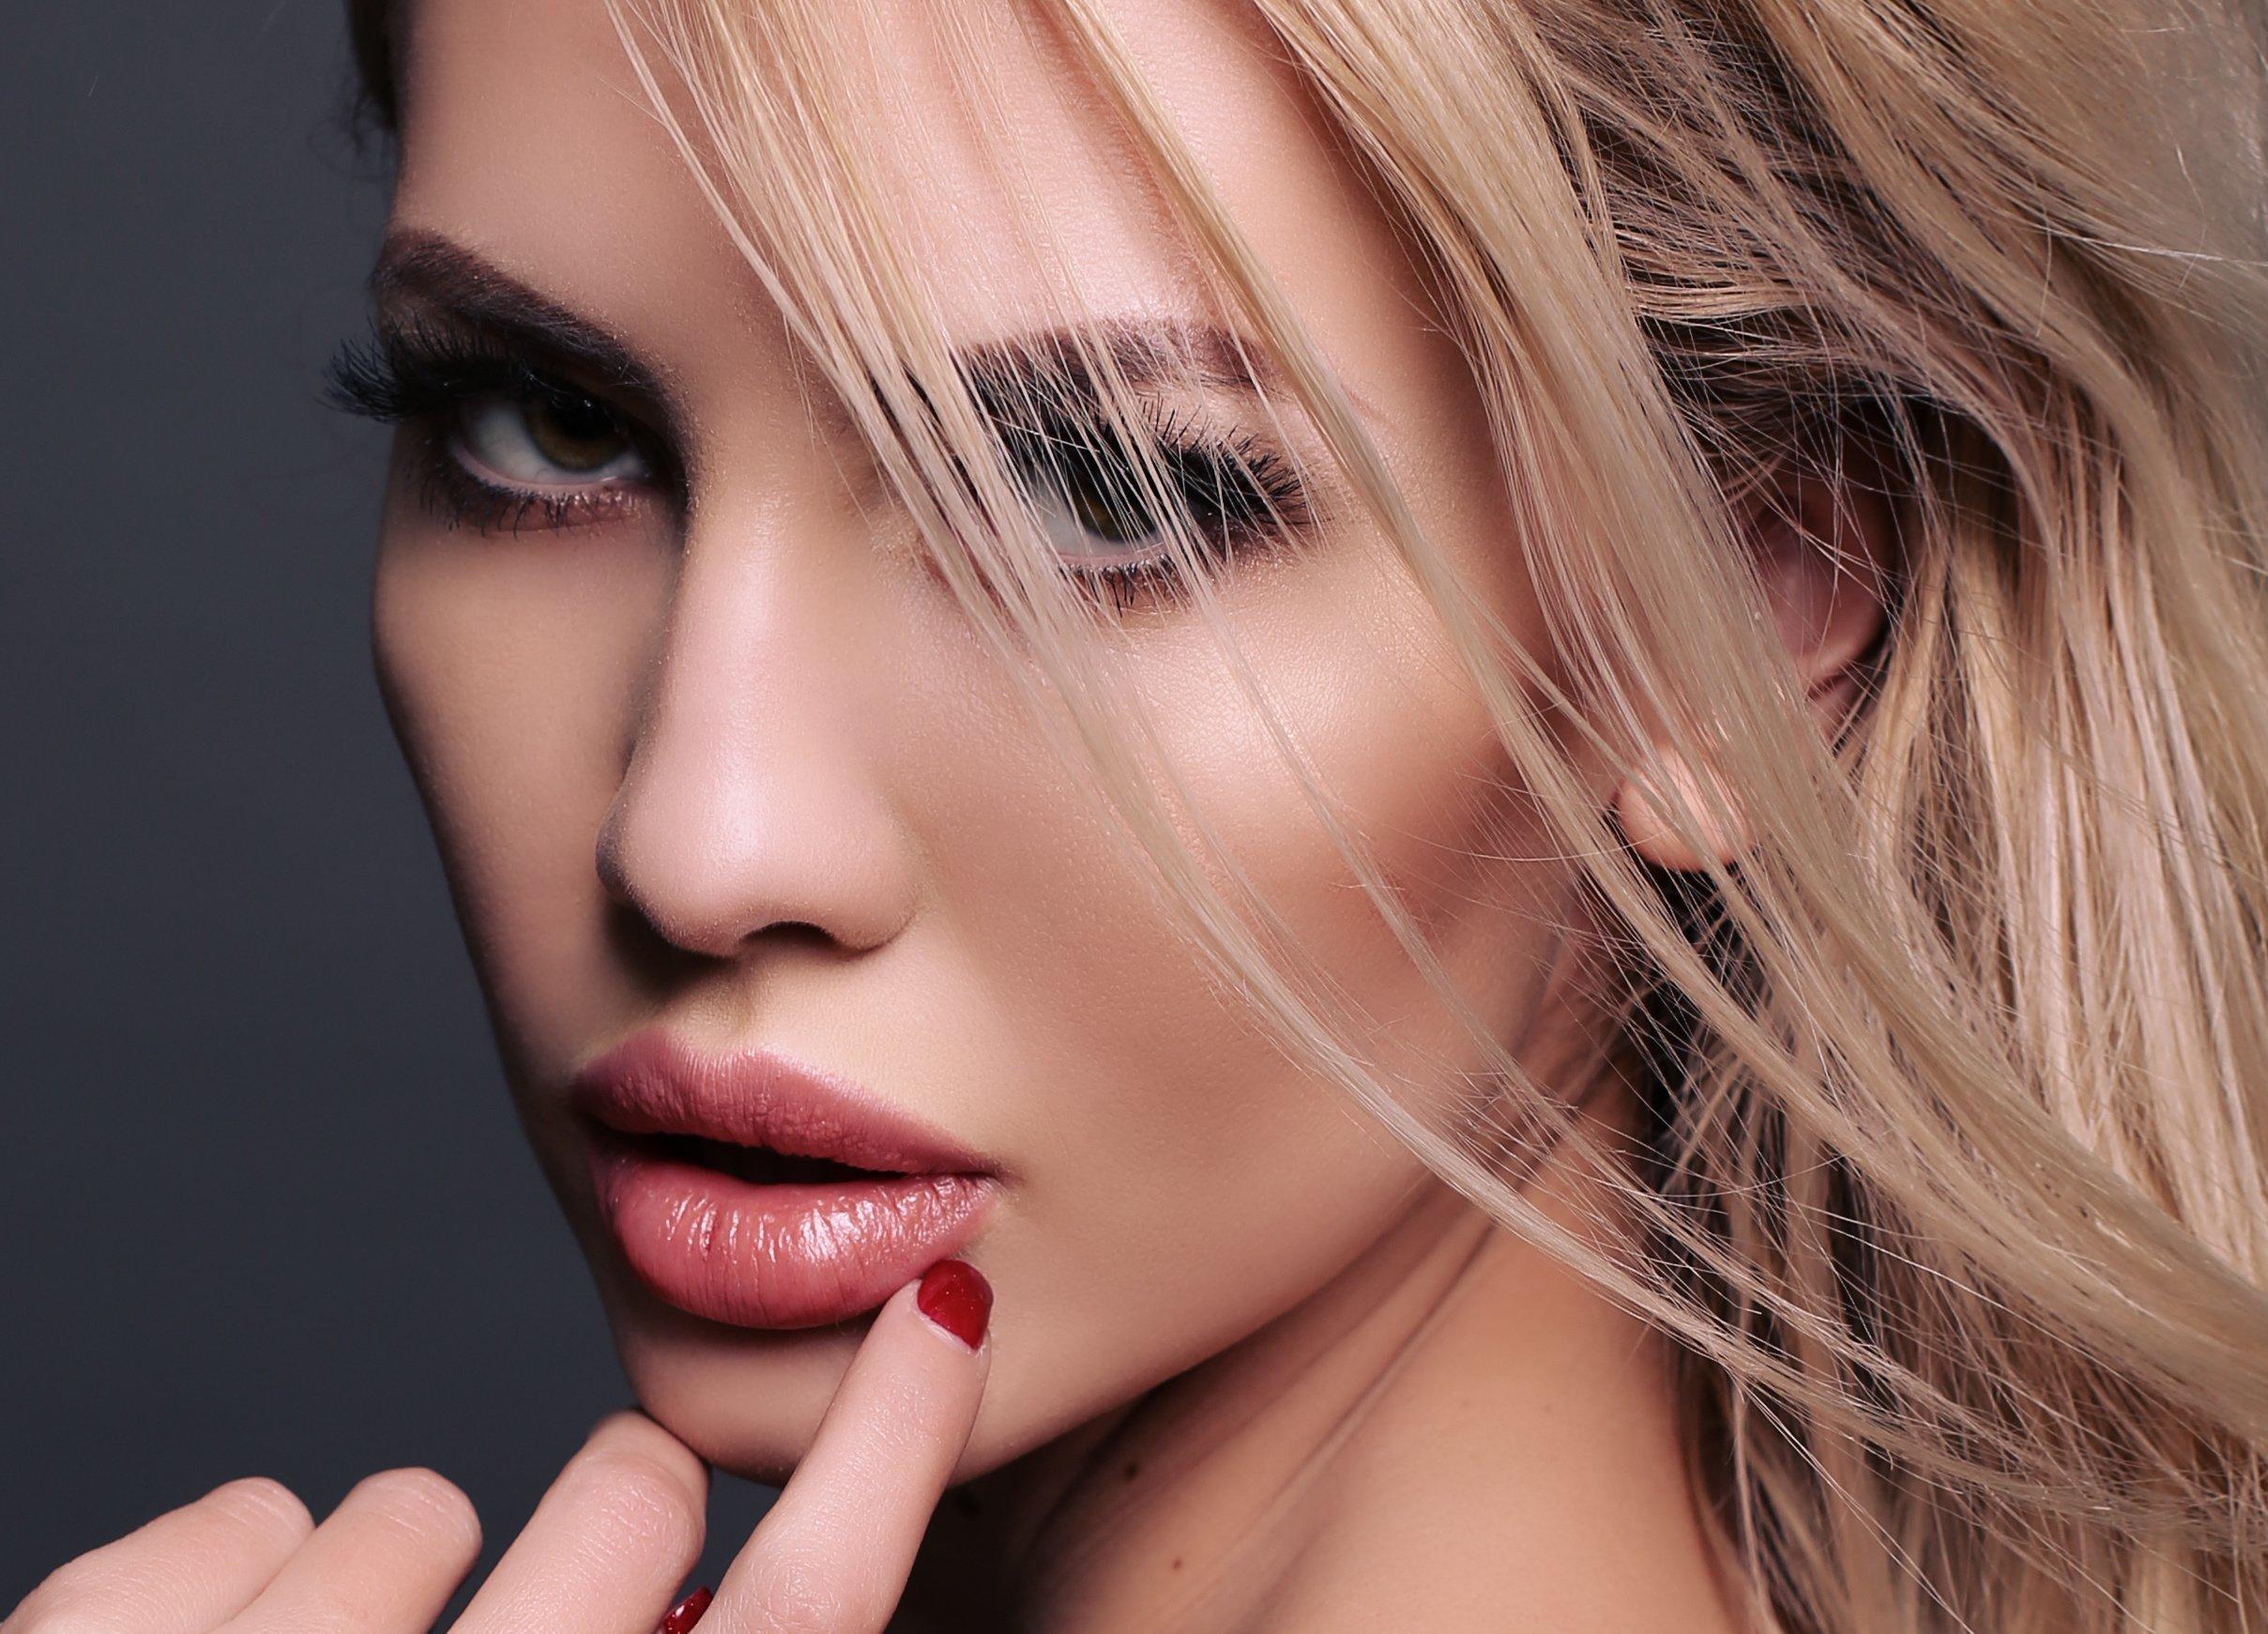 Красивые девушки пухлые губки